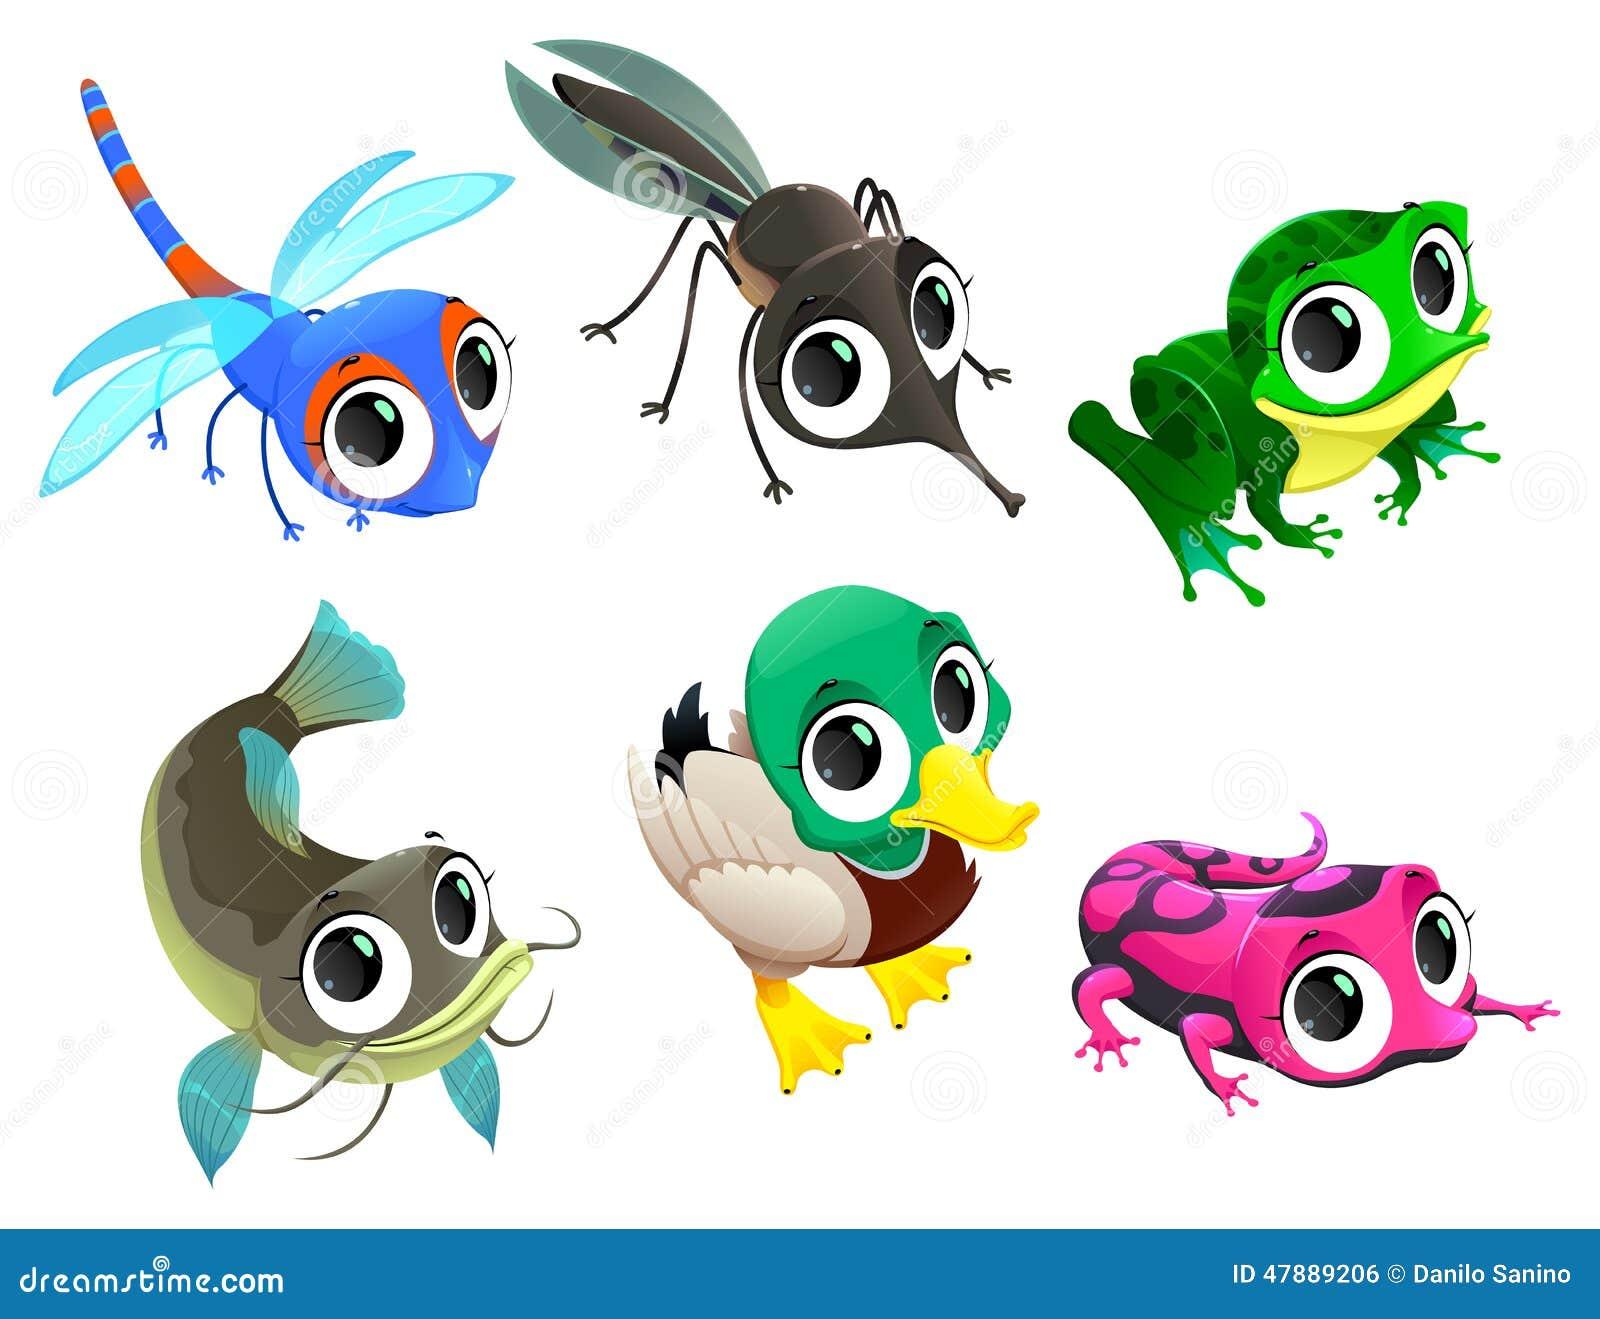 Animali divertenti dello stagno illustrazione vettoriale for Animali da stagno